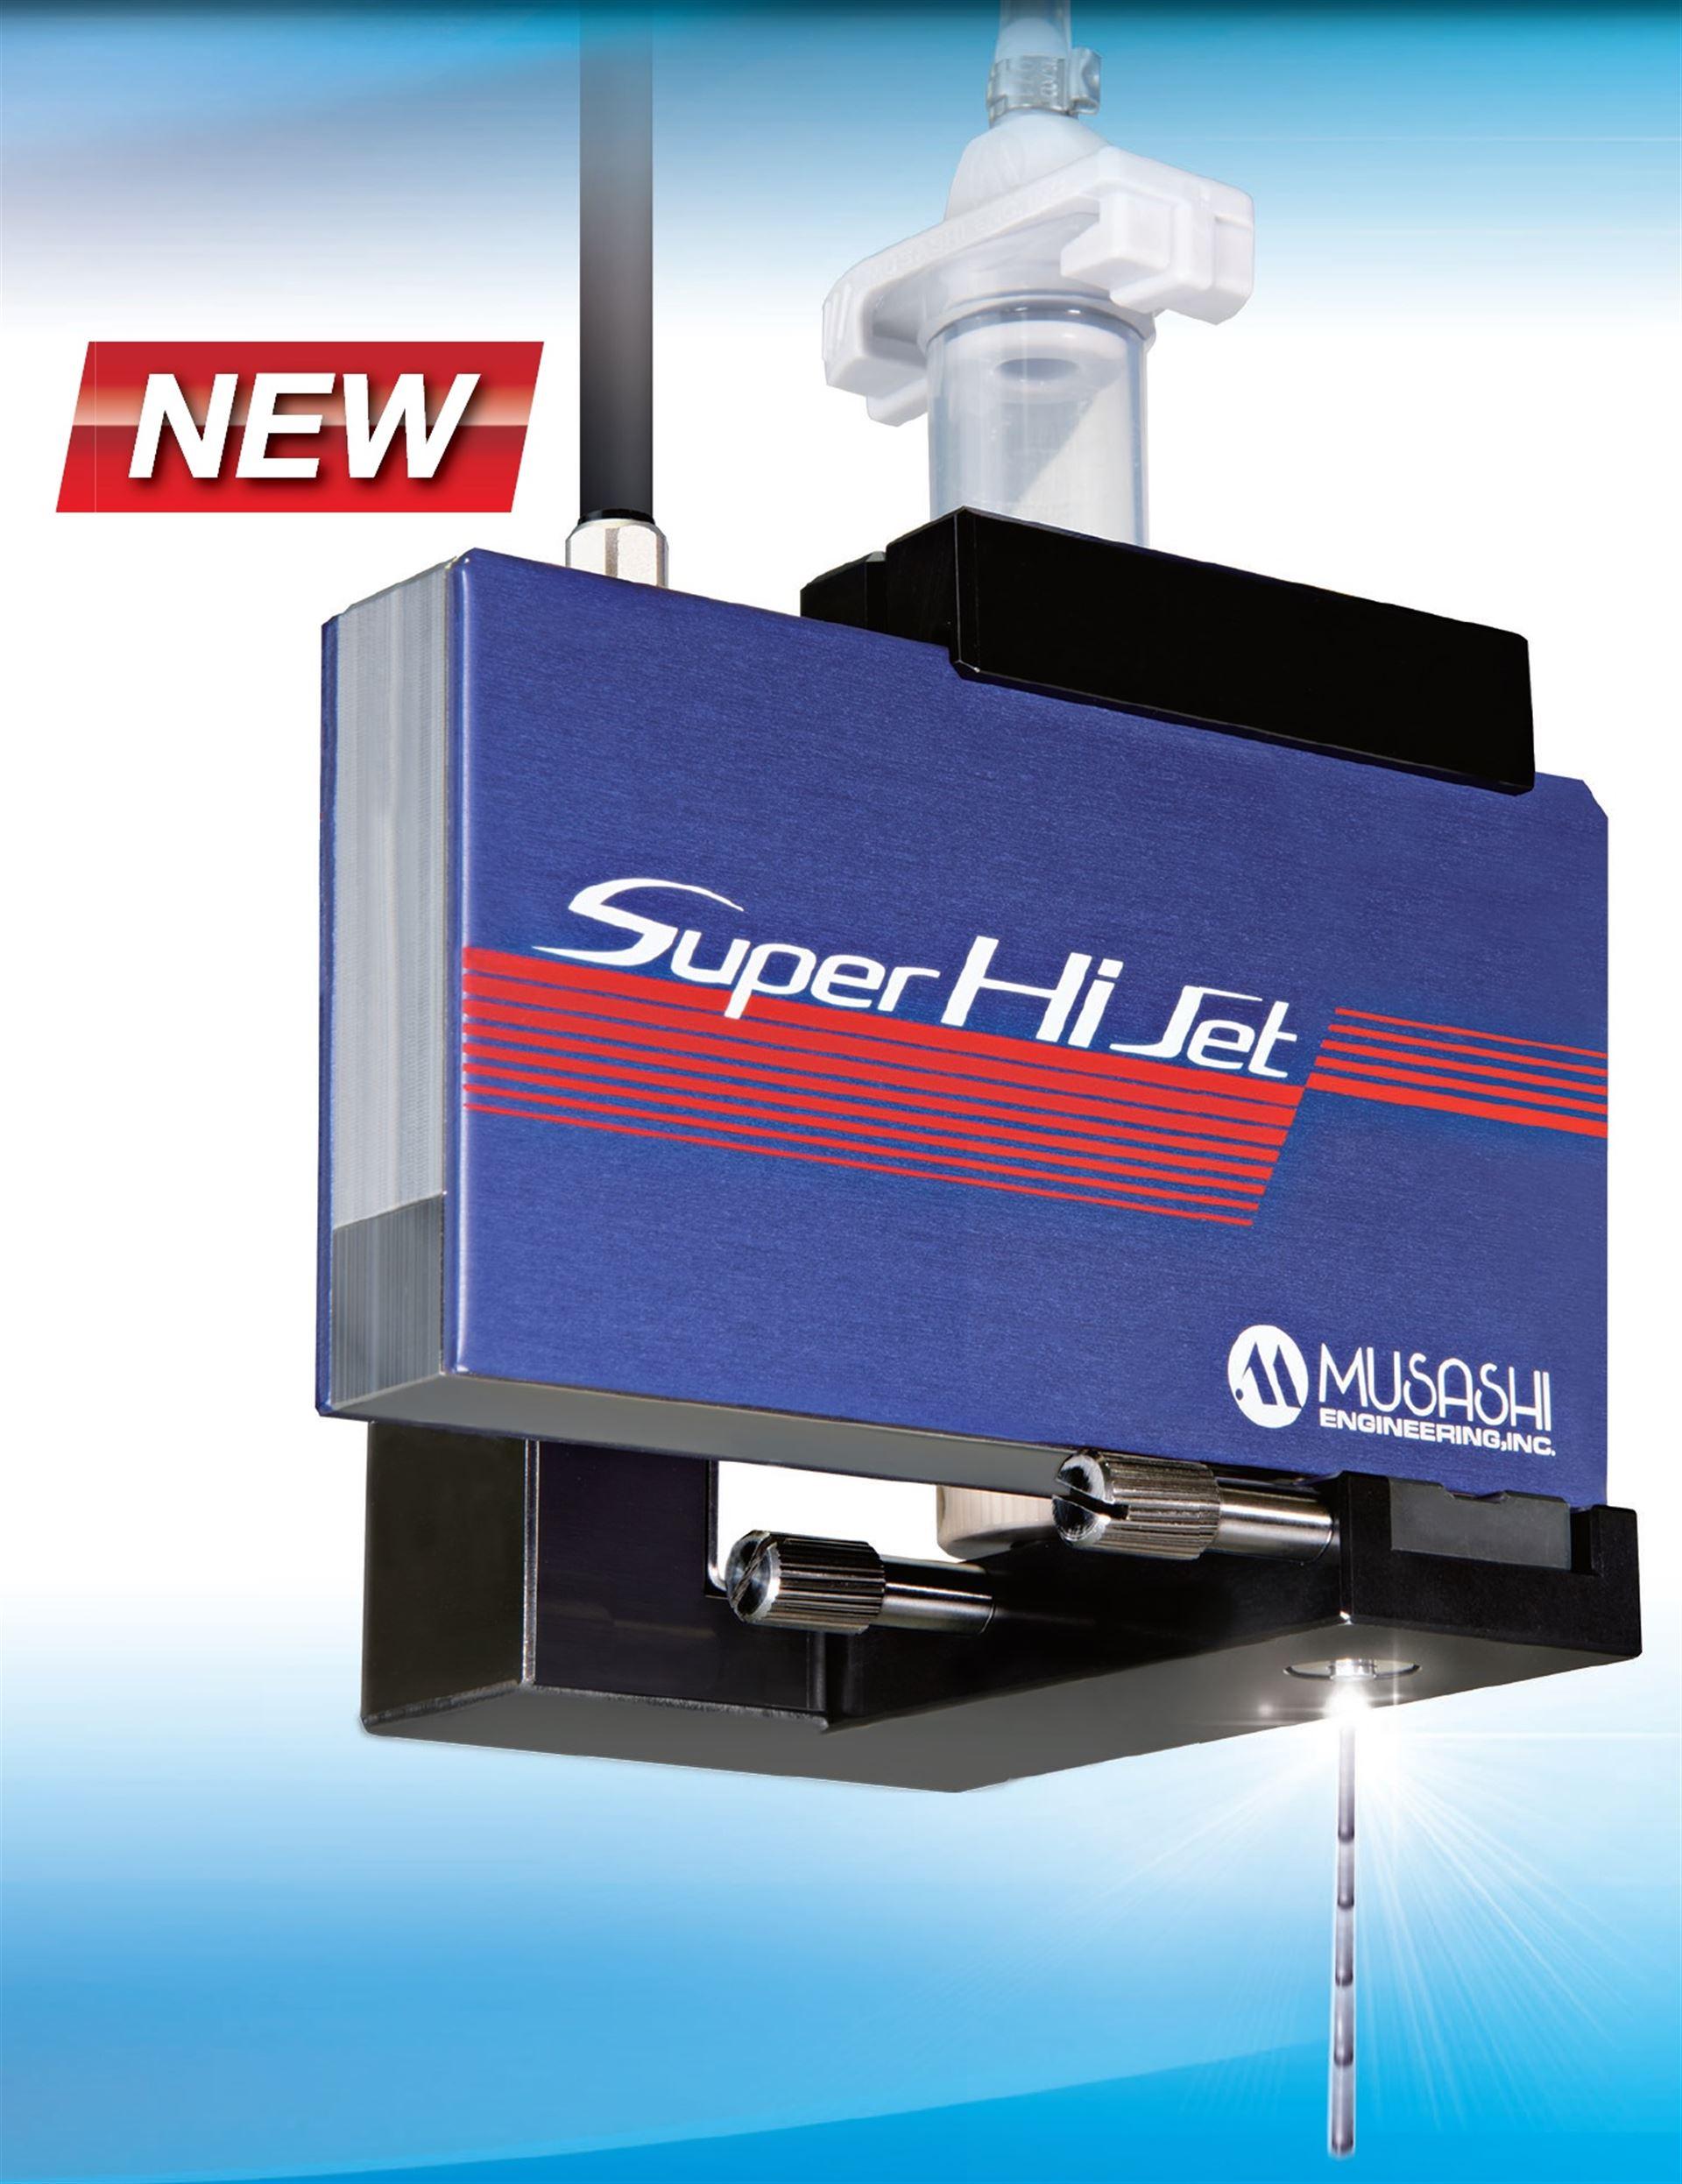 SuperHiJet